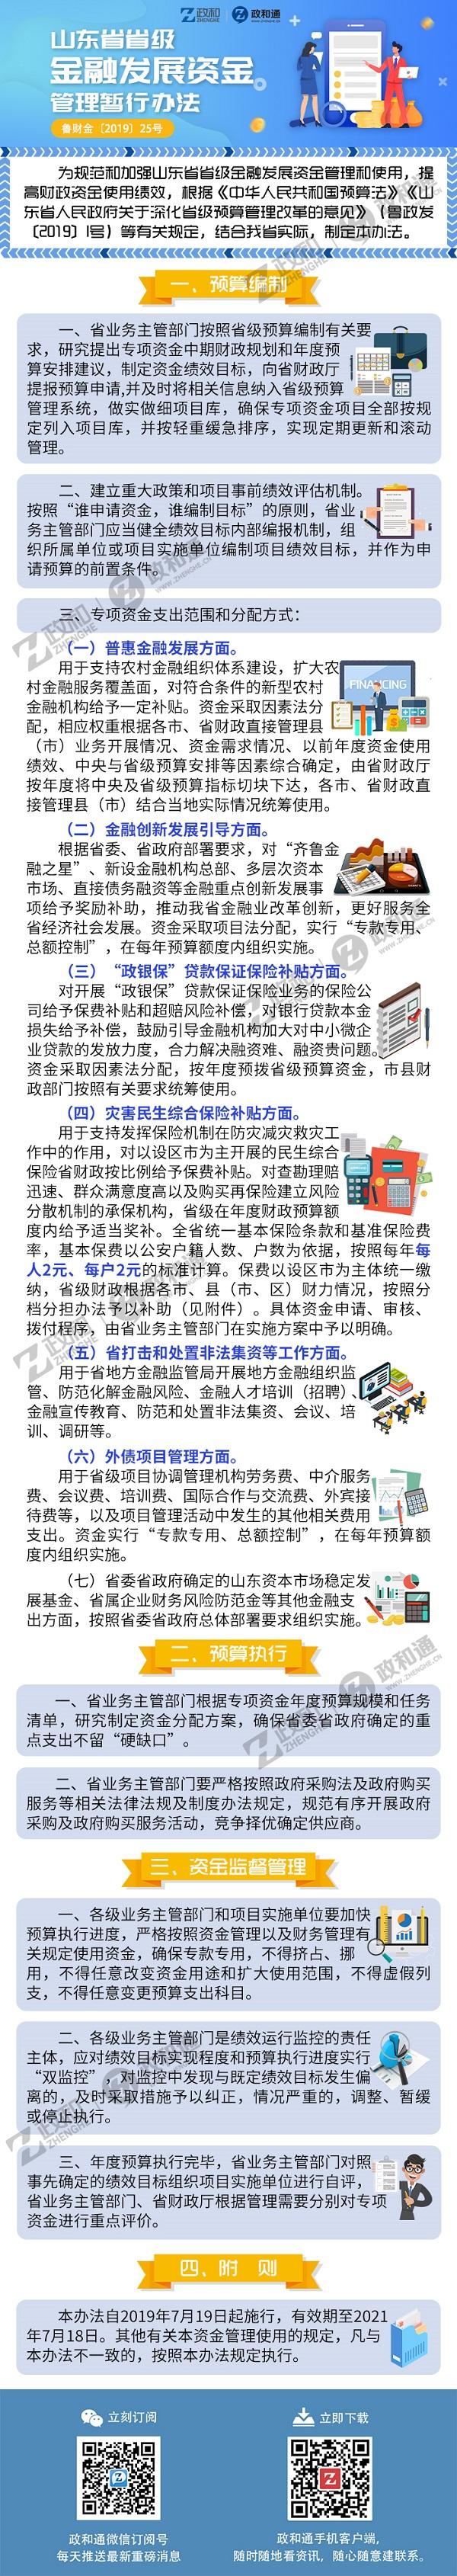 政和通 解讀-山東省省級金融發展資金管理暫行辦法.jpg